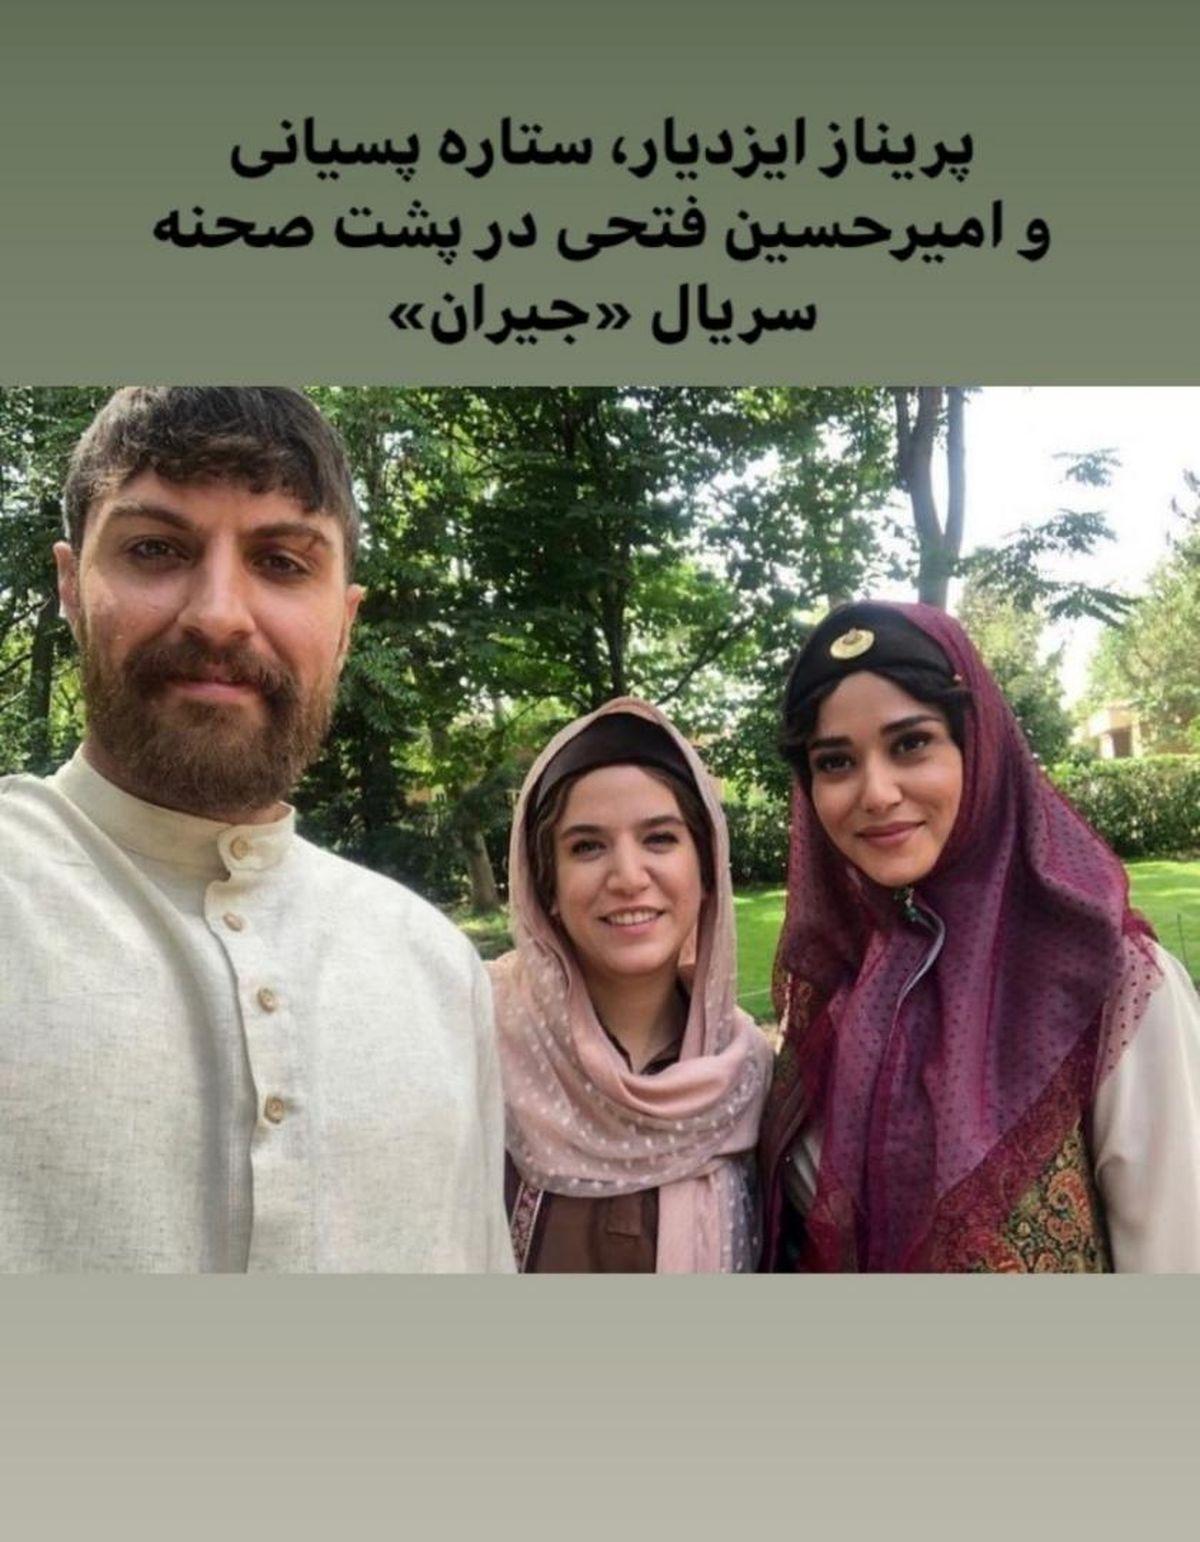 سلفی امیرحسین فتحی ، پریناز ایزدیار و ستاره پسیانی در پشت صحنه سریال جیران + عکس